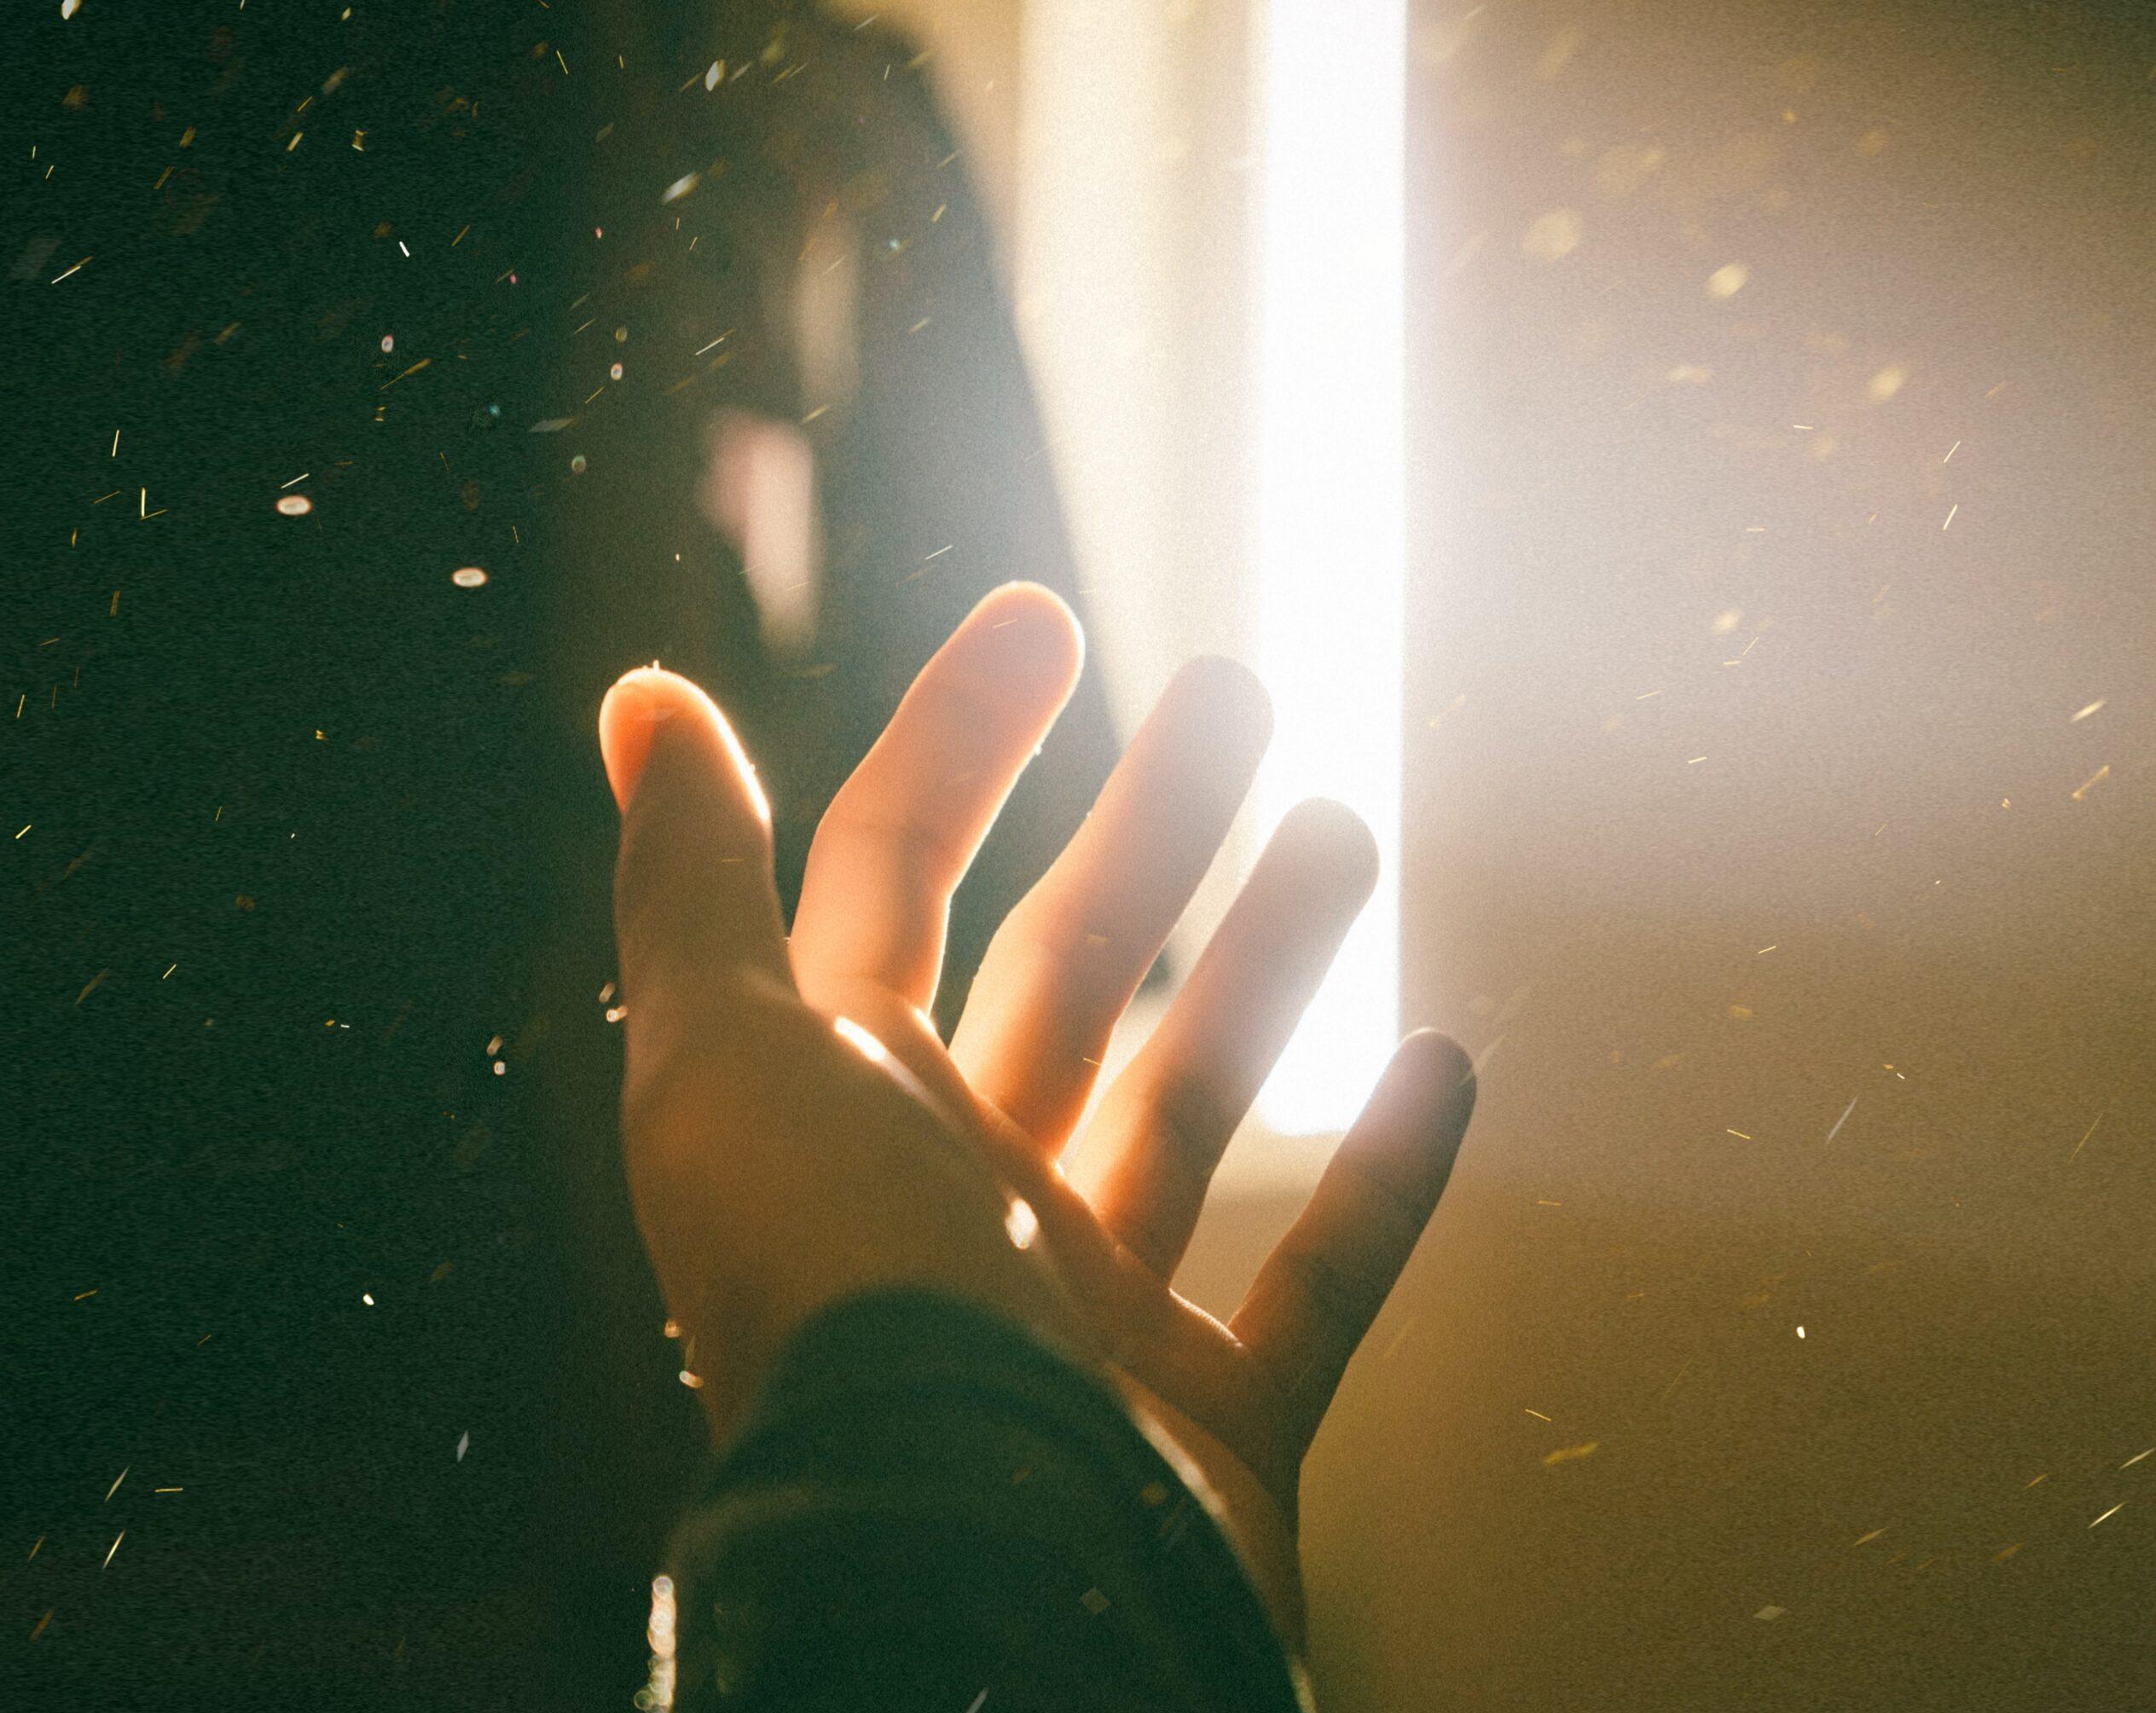 Die Faszination Licht – eine wahre Magie